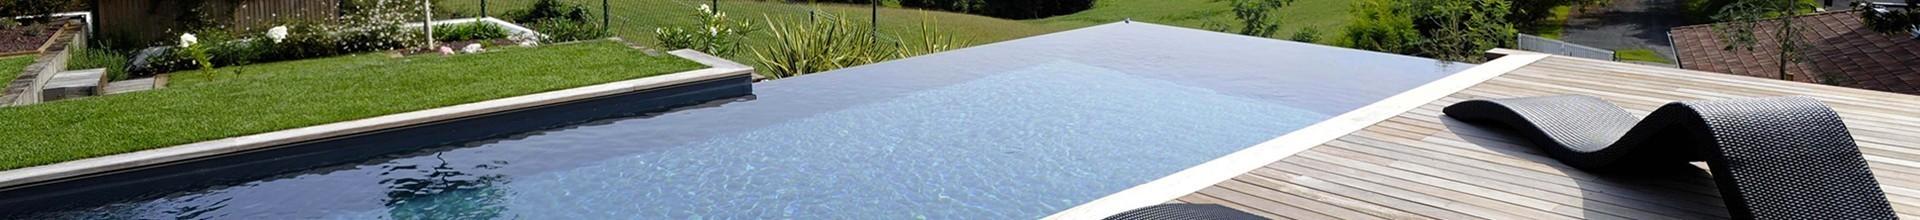 Direct usine, piscine coque prix Provence Alpes Côte d'Azur